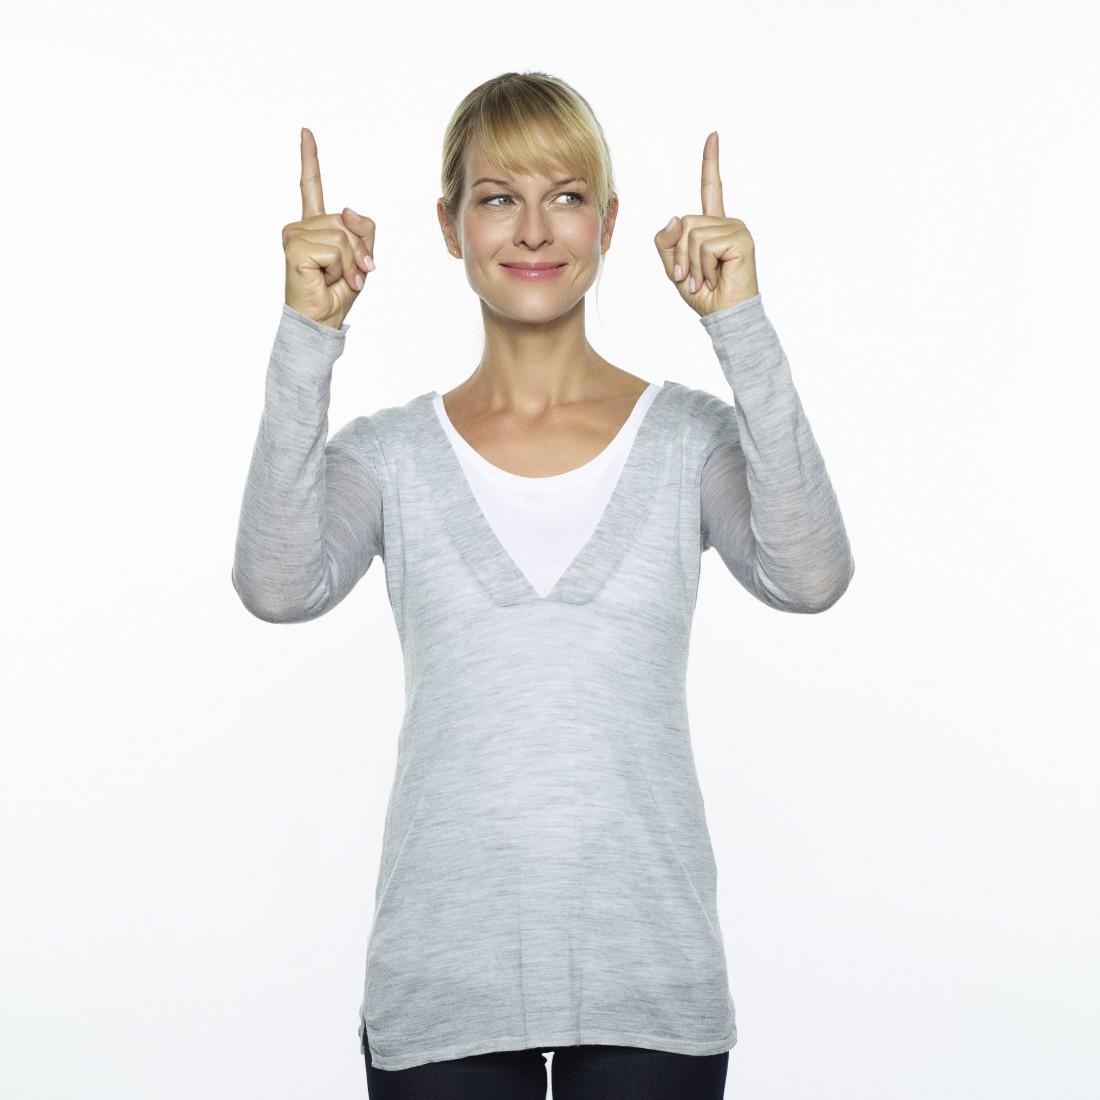 Orthomol Vision, Augenübungen, Yoga für die Augen, Woche des Sehens, Augenyoga, Augengesundheit